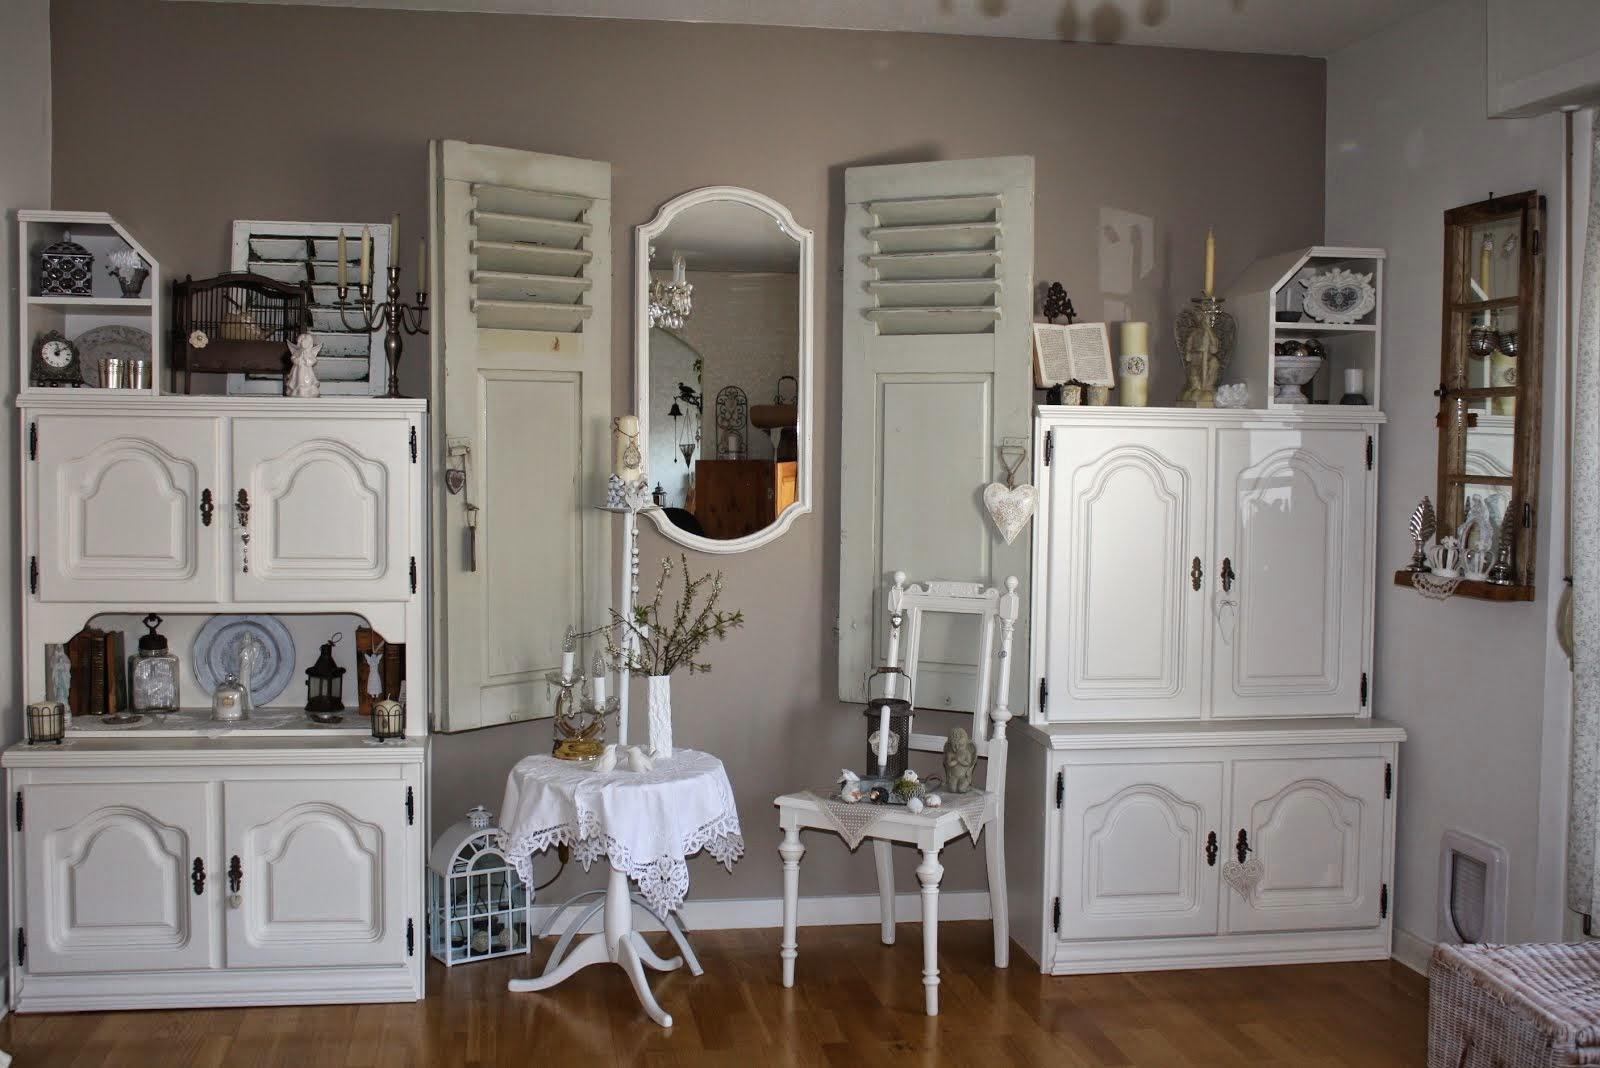 kleine creative welt weihnachtsbilder. Black Bedroom Furniture Sets. Home Design Ideas